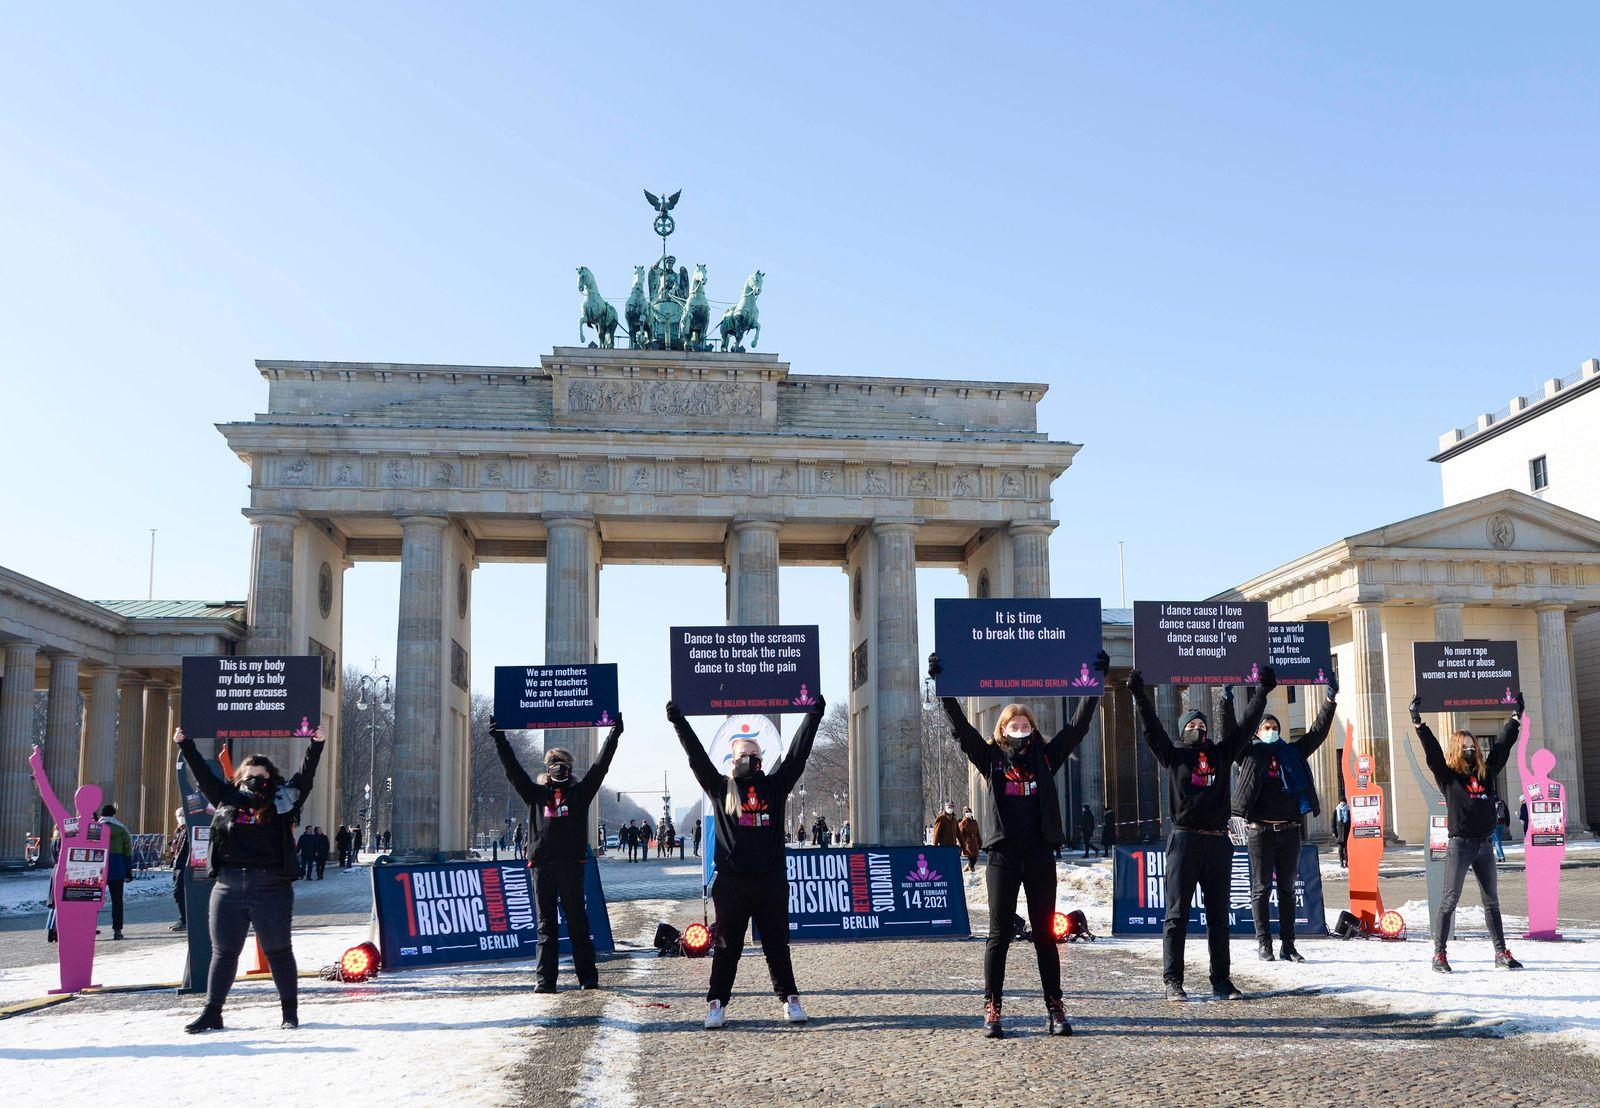 News Bilder des Tages 14 . 02 . 2021 , Berlin / Mitte : One Billion Rising - Demonstration und Tanz am Brandenburger Tor